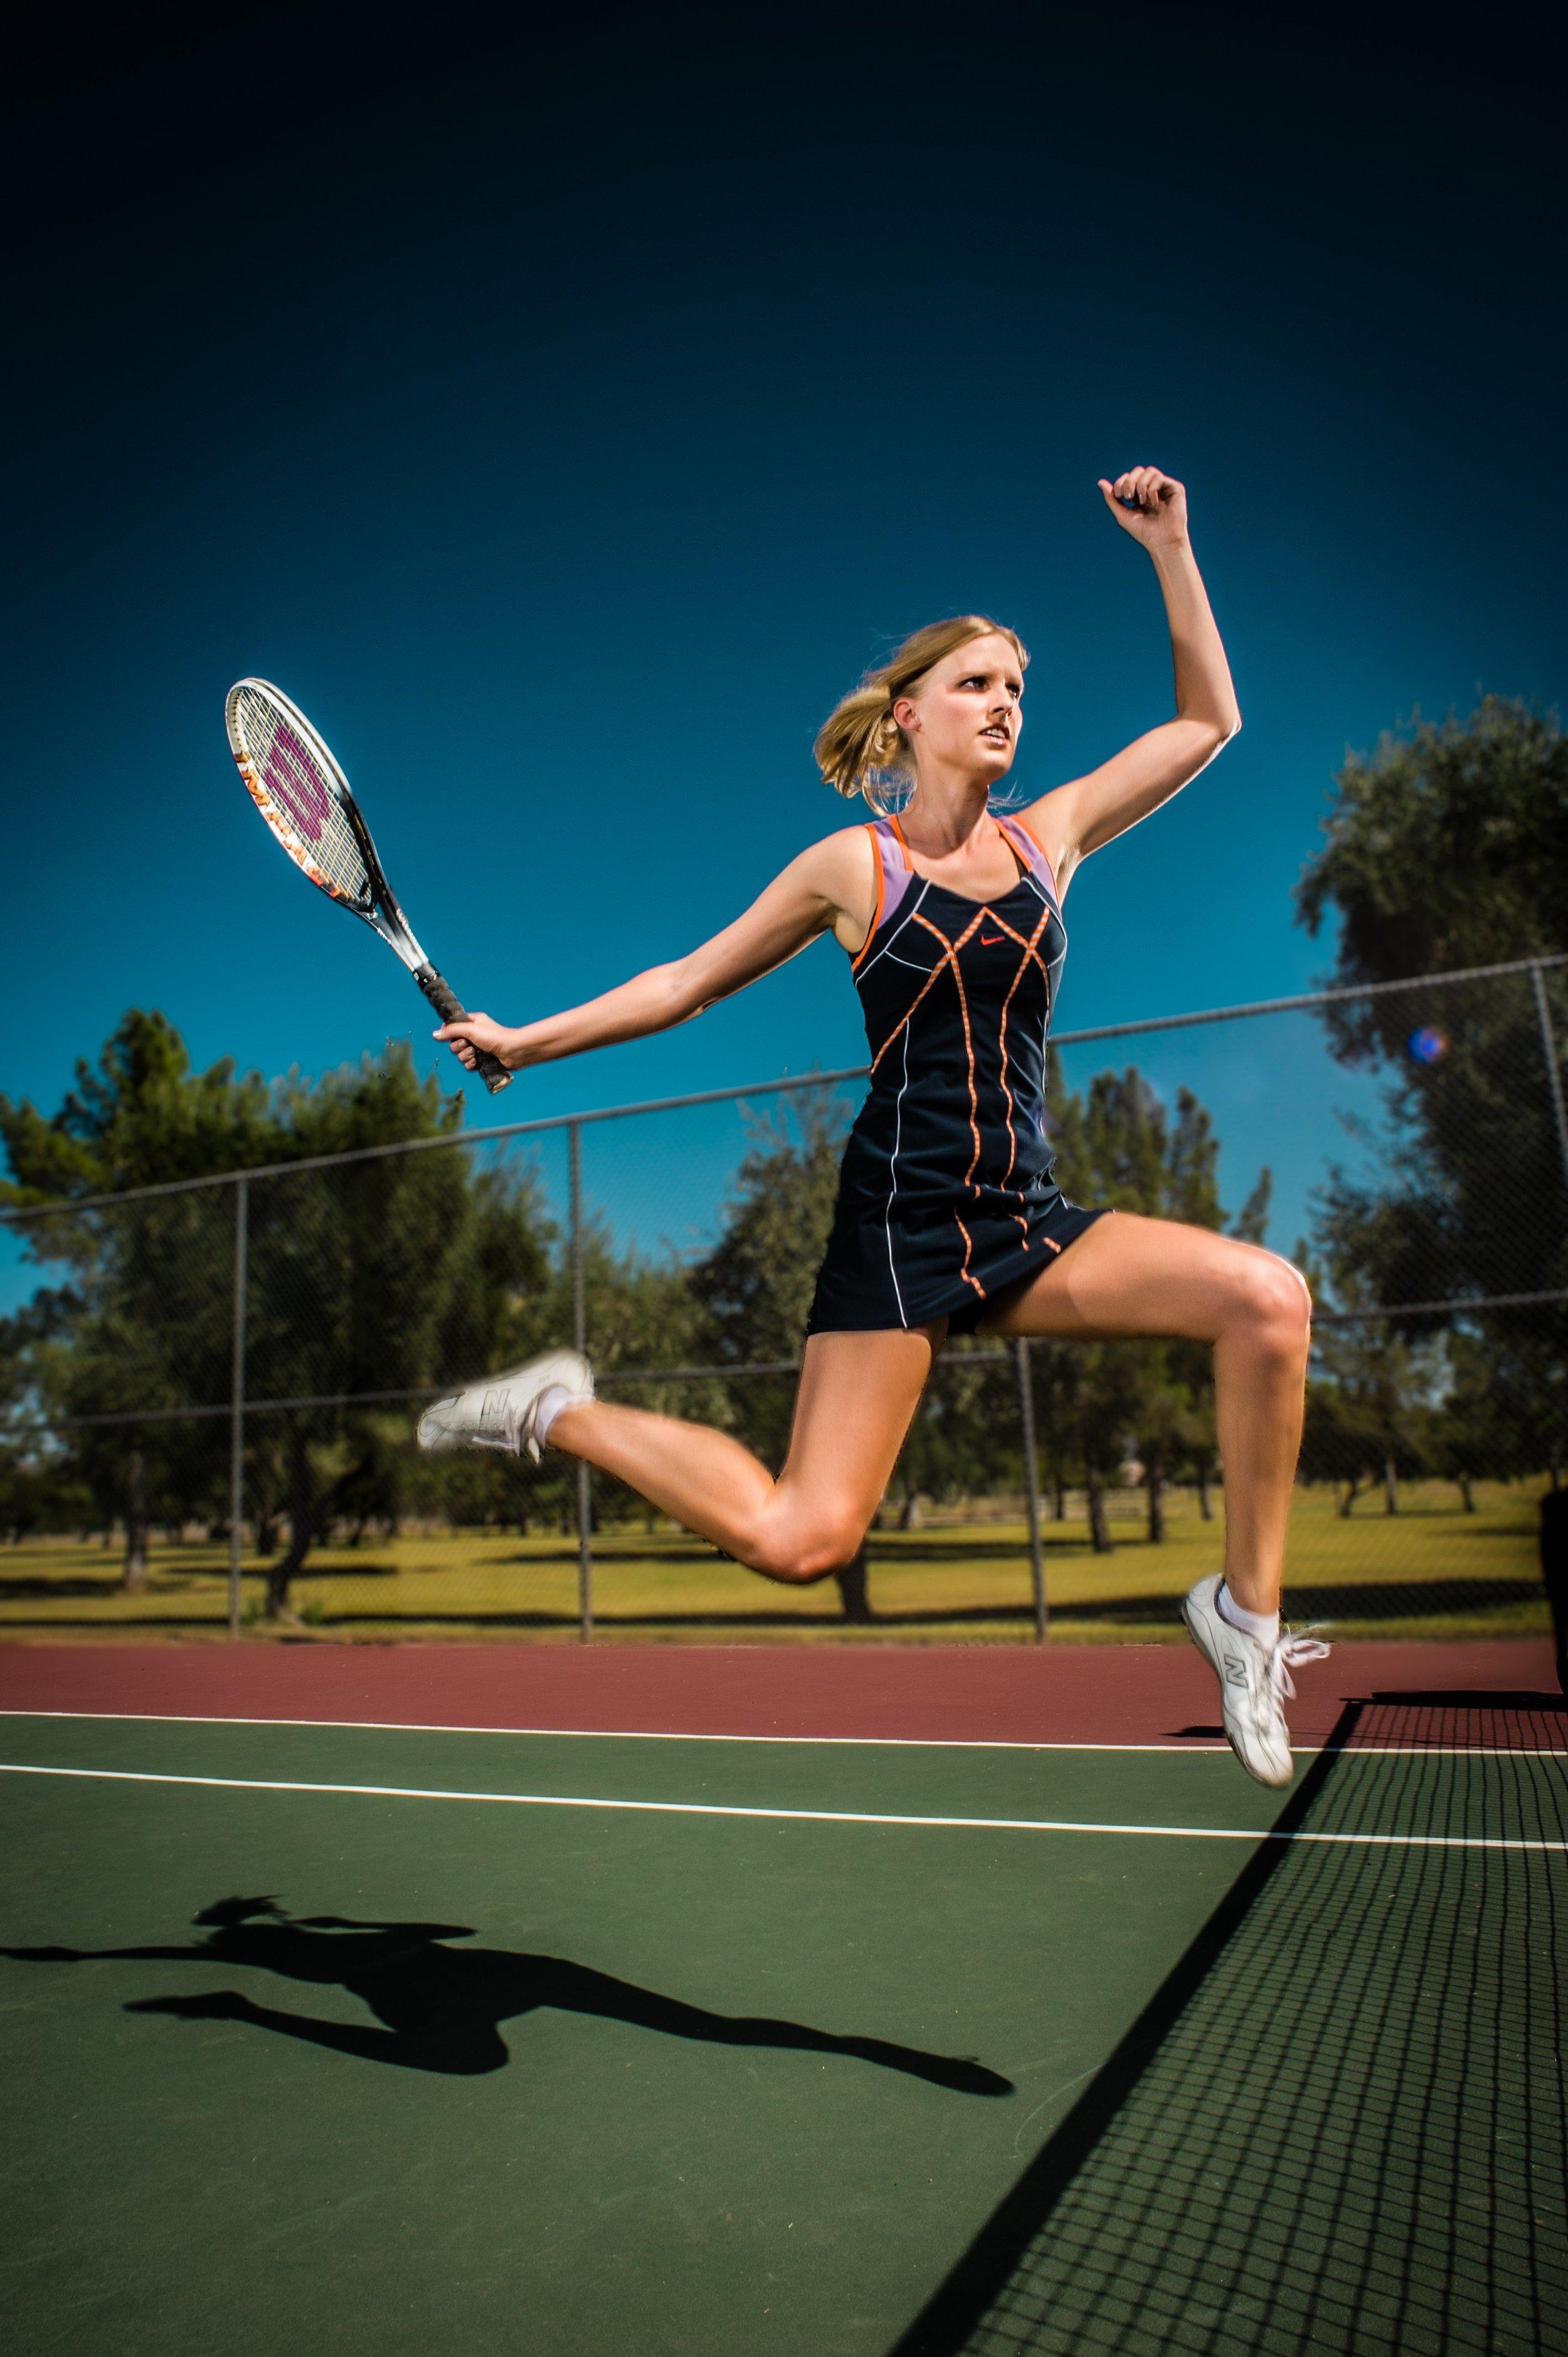 Tennis 2 - Roshau.jpg